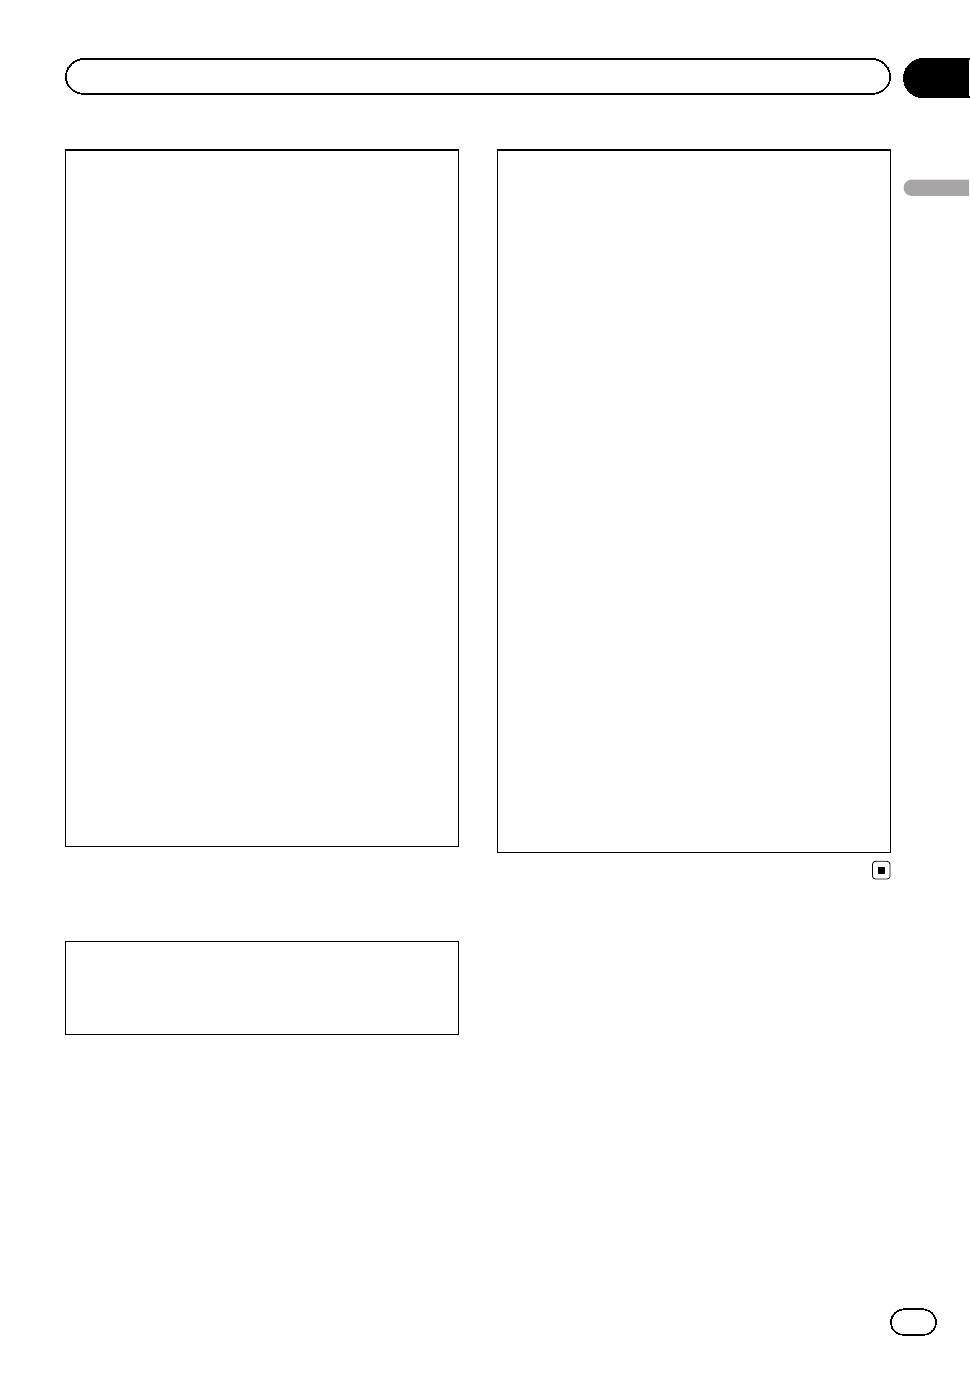 Pioneer Avh P8400bh Manual Espaol Wiring Diagram Background Image